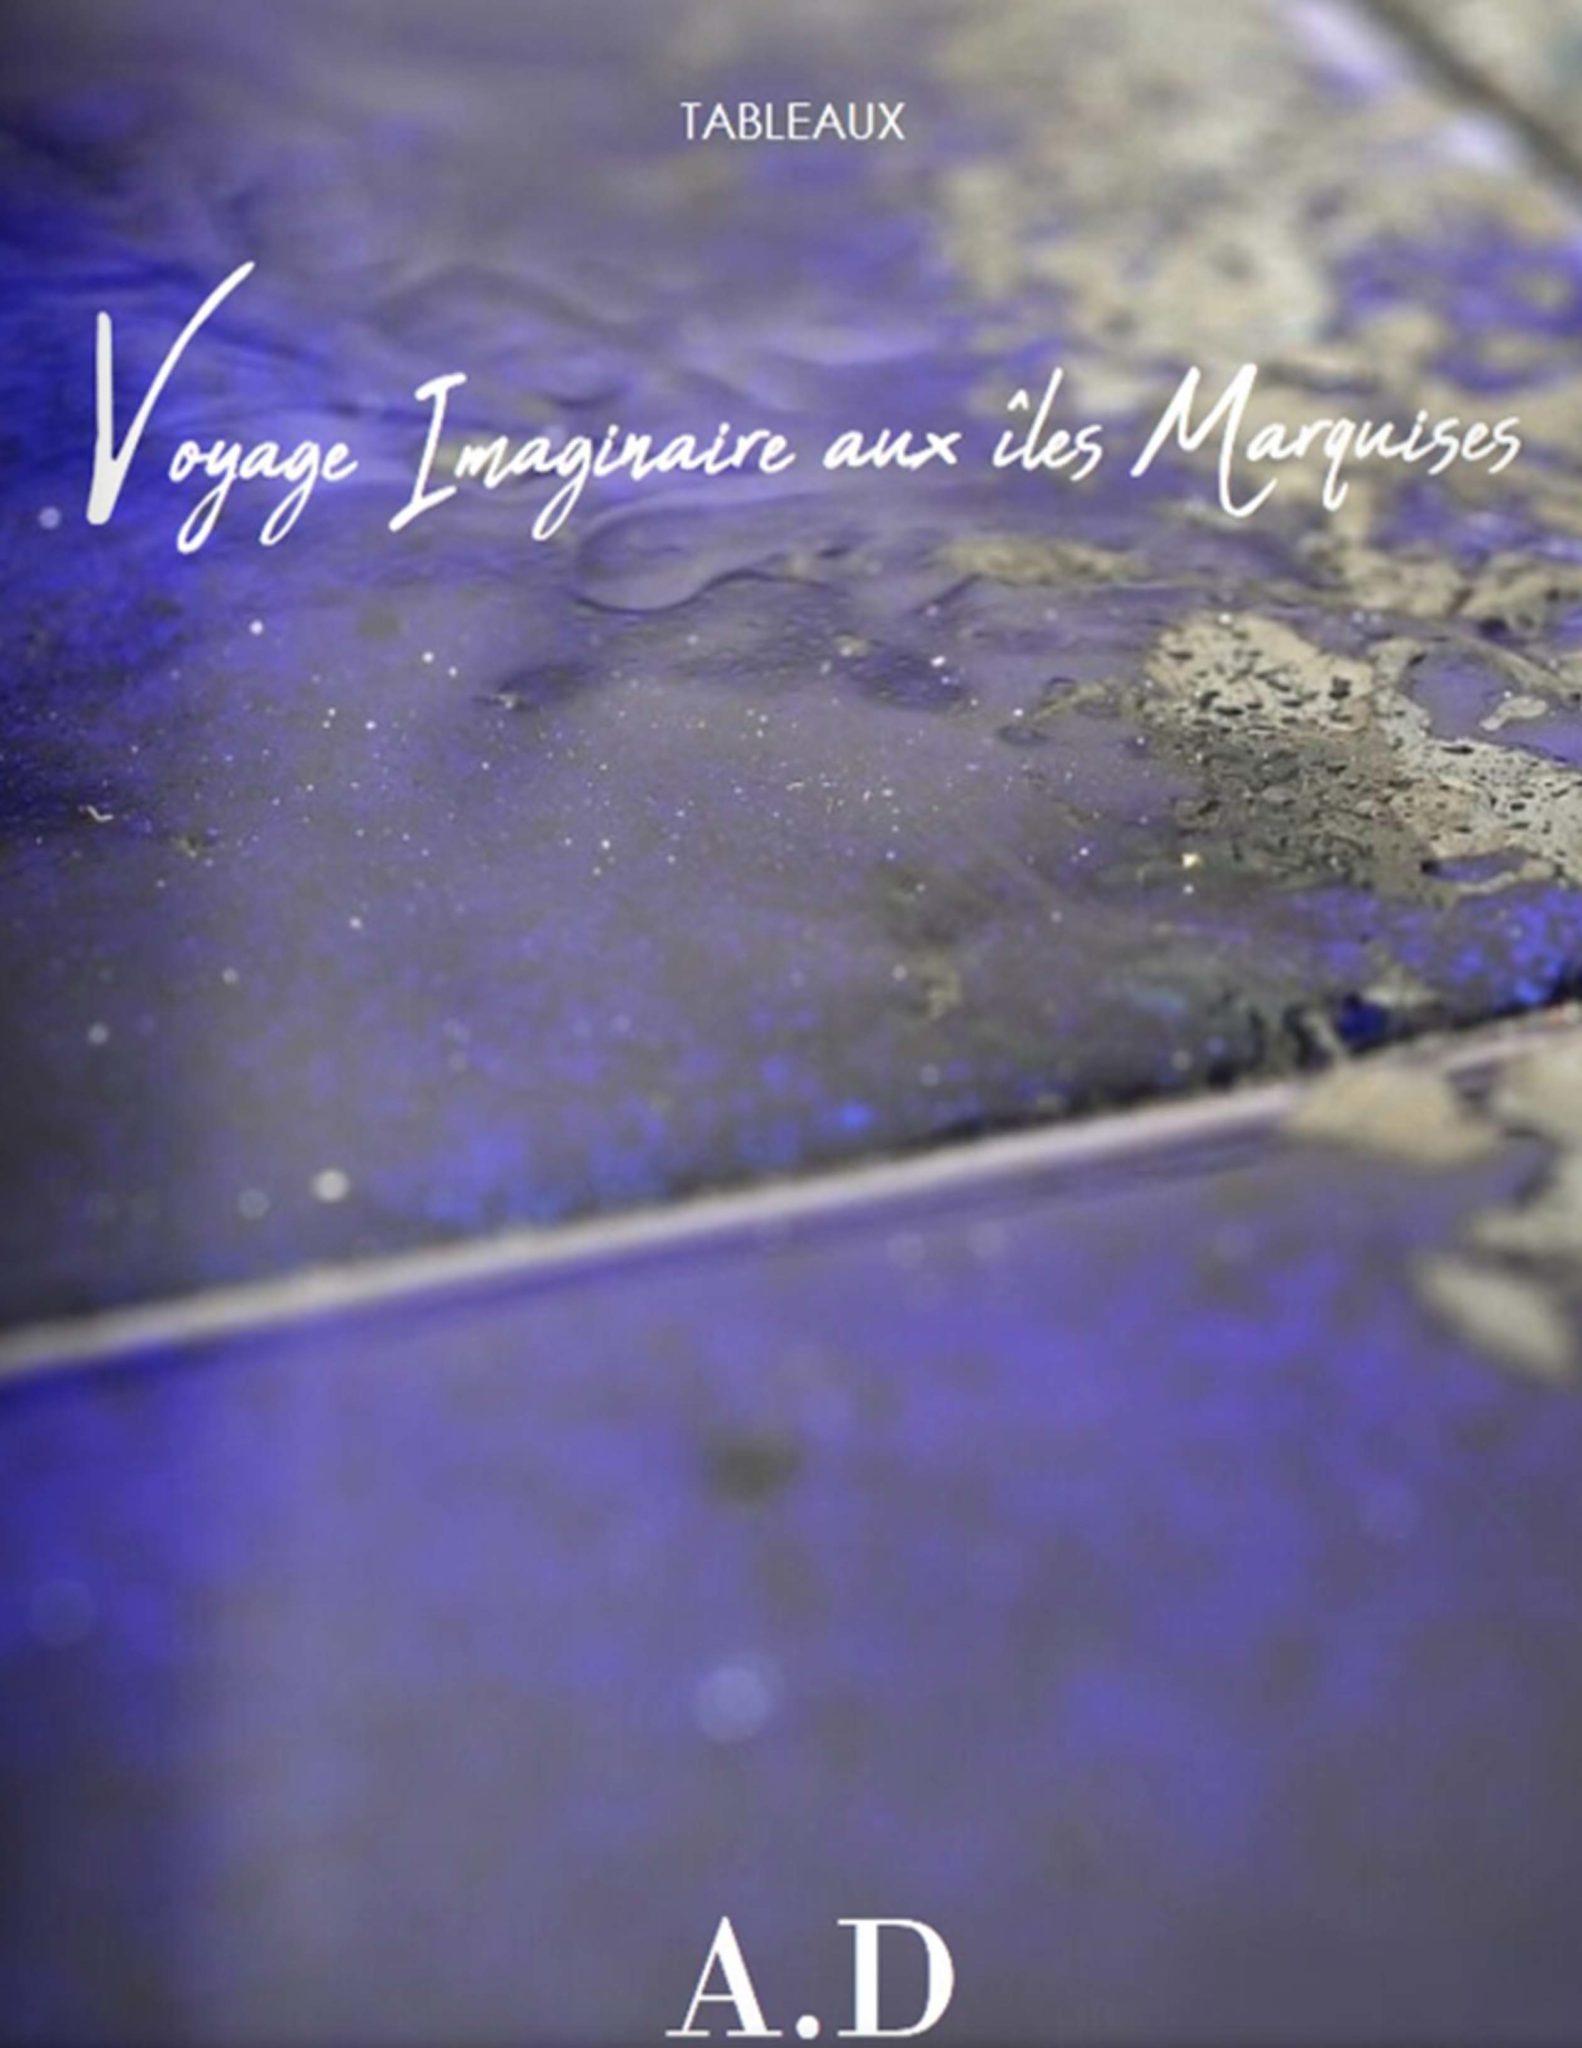 Catalogue de tableaux la collection Voyage Imaginaire aux Iles Marquises. Plaques de cuivre émaillées avec des émaux joailliers.